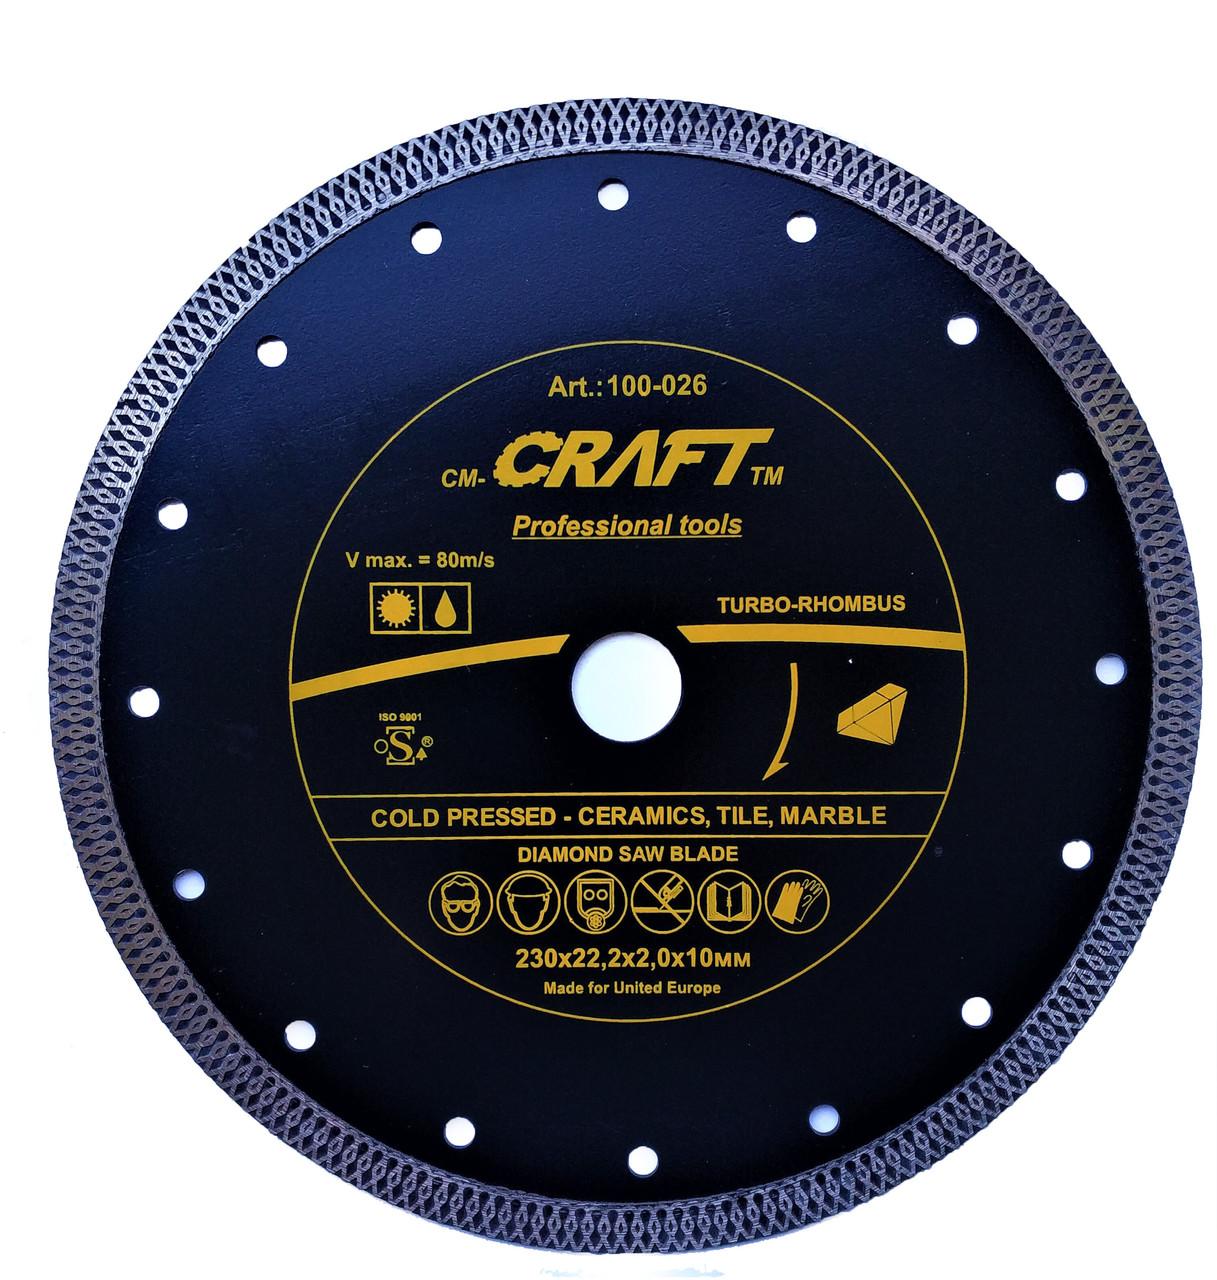 126 Диск CRAFT алмазний із ромбоподібним різцем 230*22,2*2,0*10мм - мокр/сух різ кахель/керам/марм